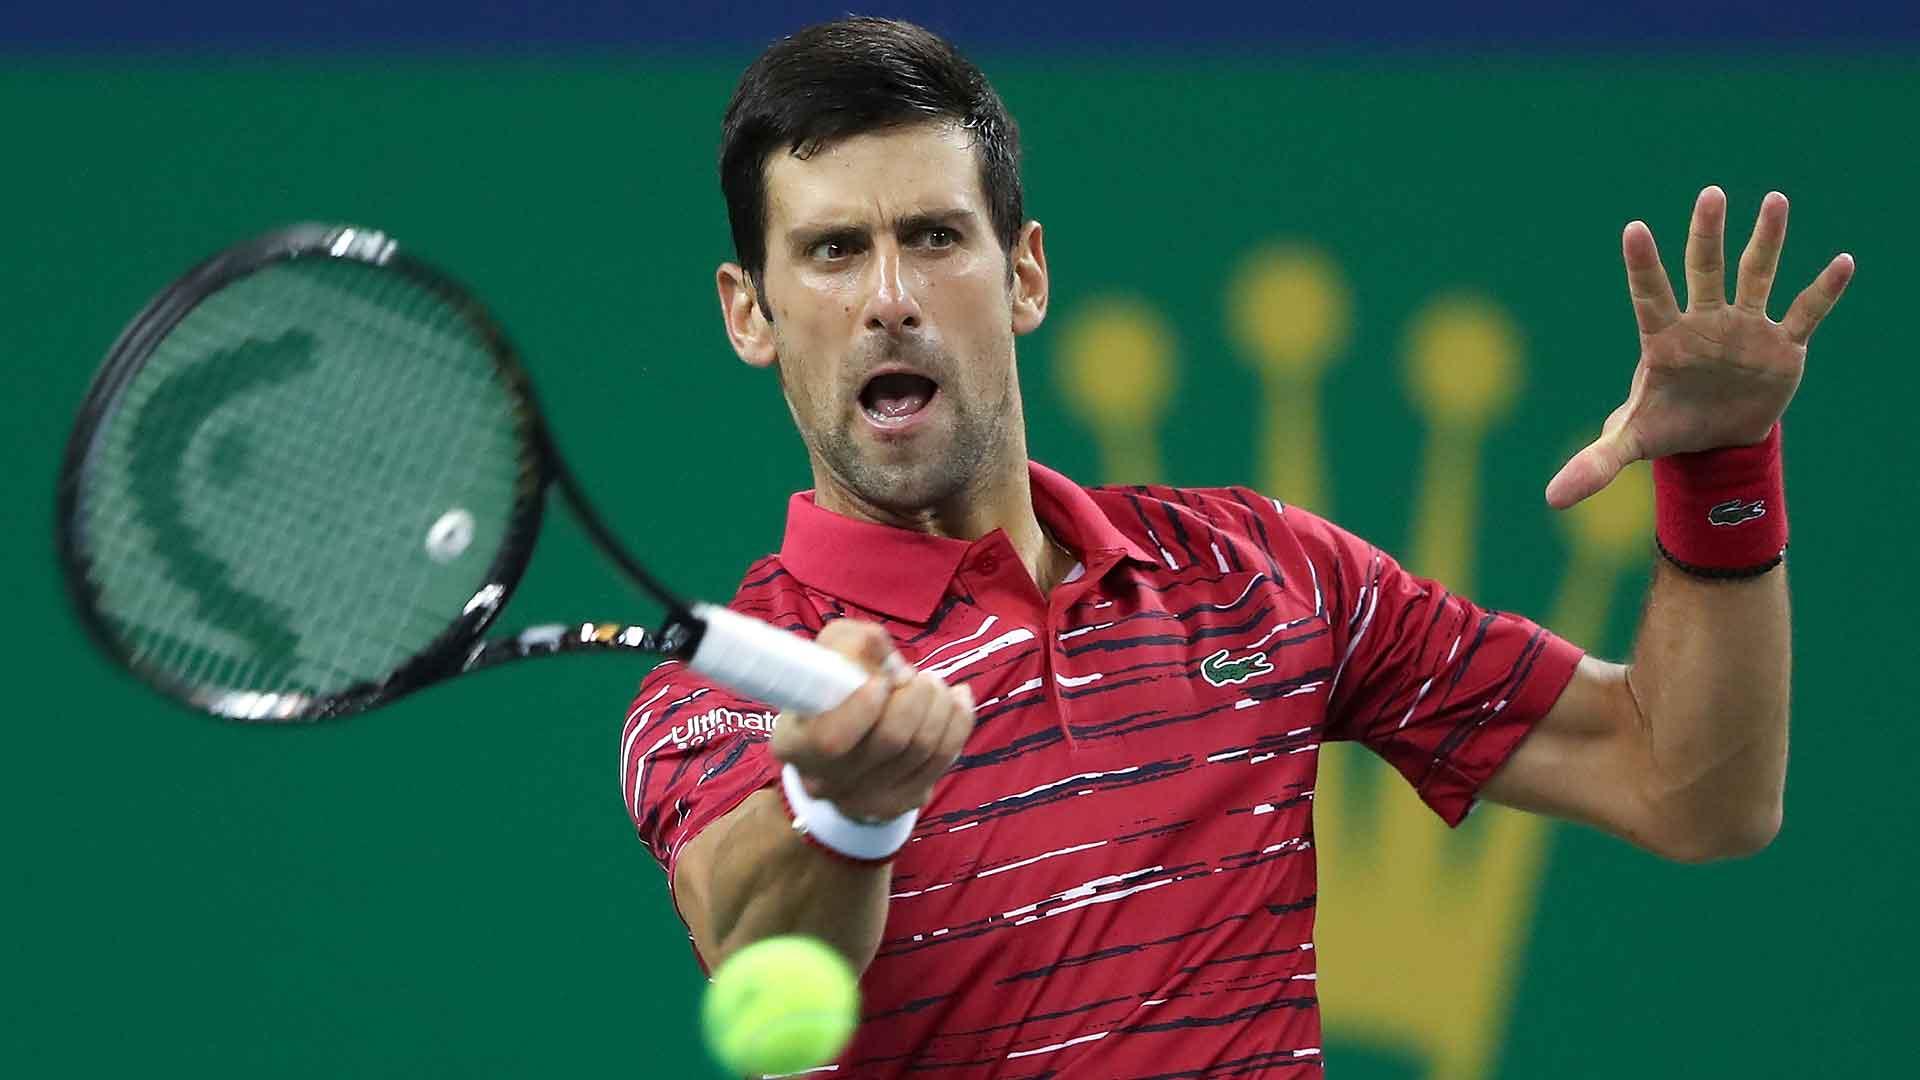 Djokovic derrota Isner e vai às quartas em Xangai